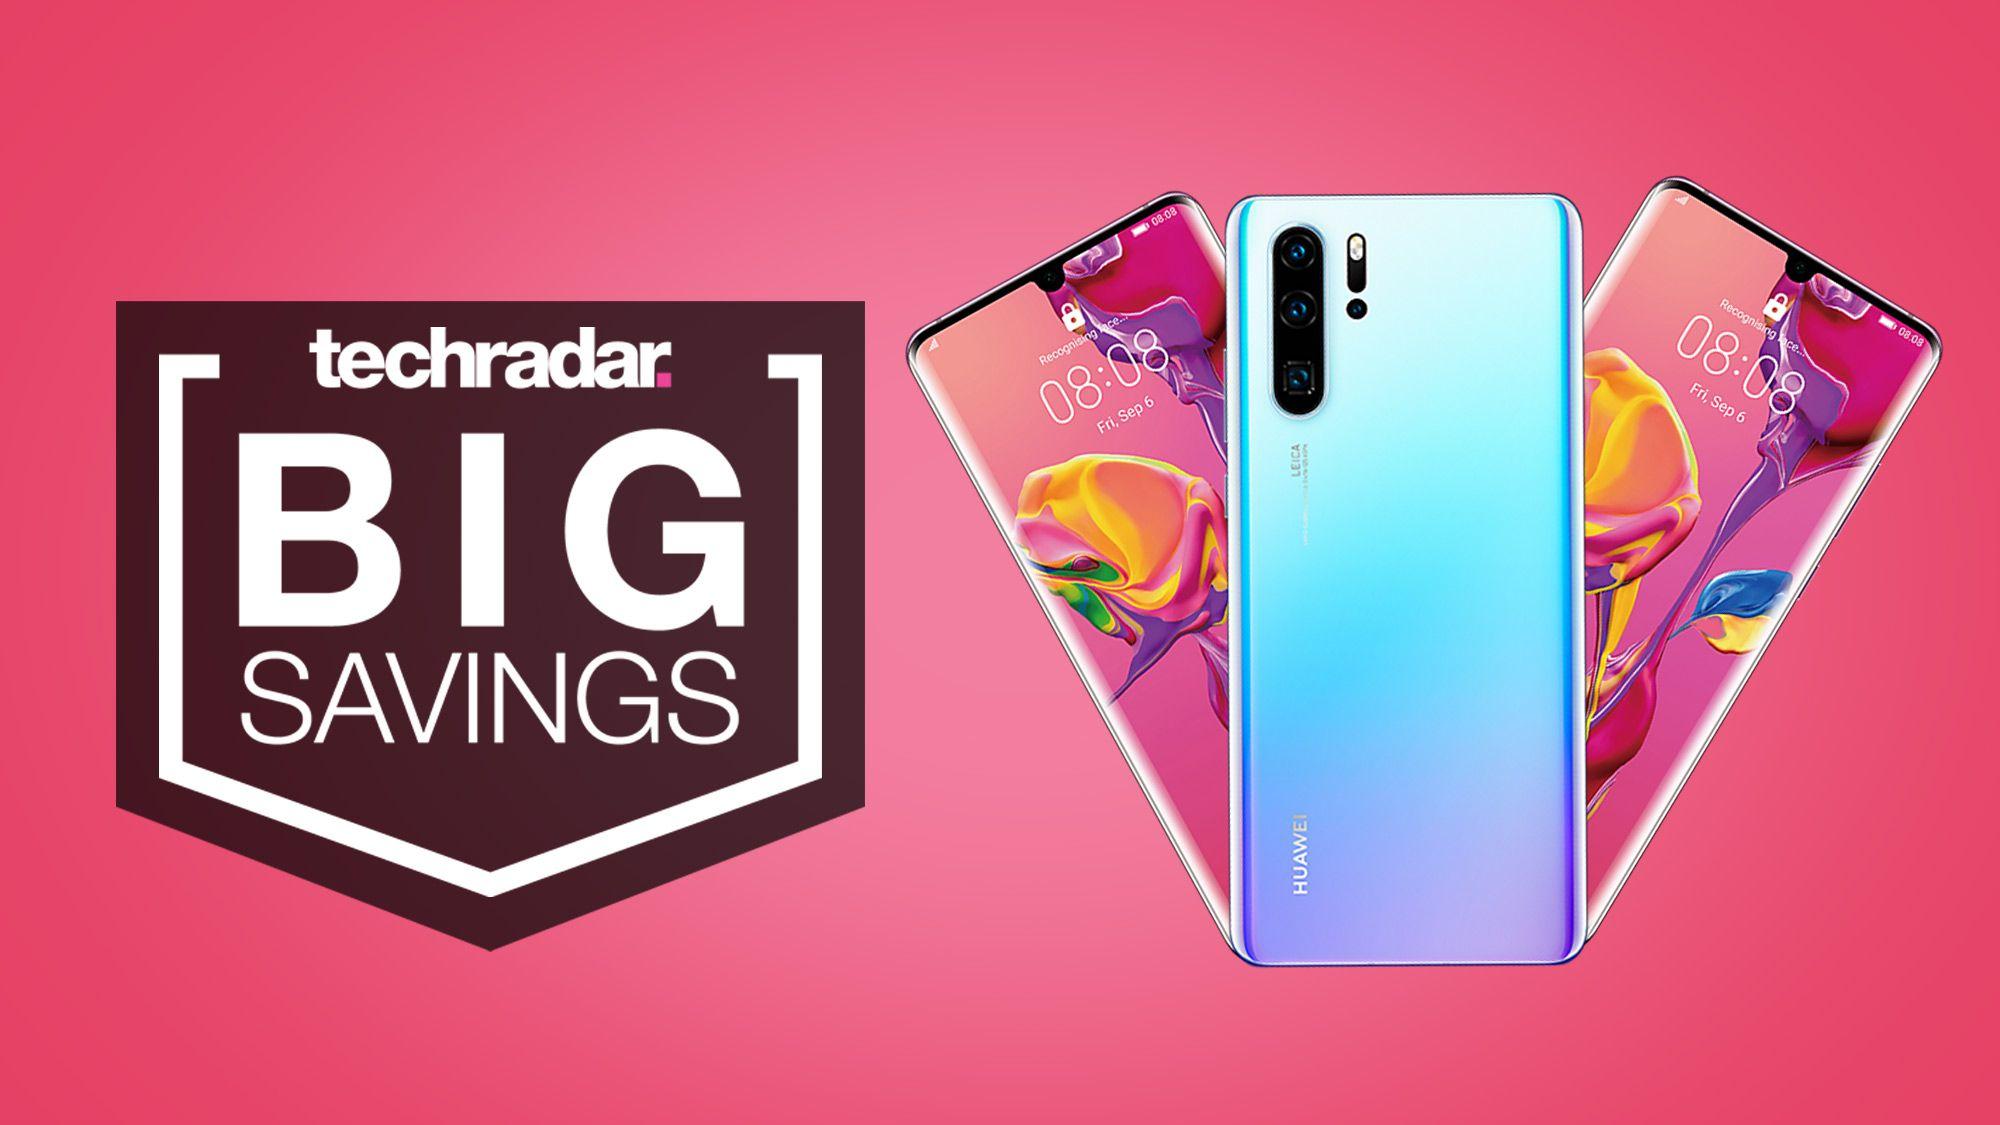 The Best Huawei P30 Pro Deals In October 2020 Best Iphone Deals Iphone Deals Mobile Phone Deals